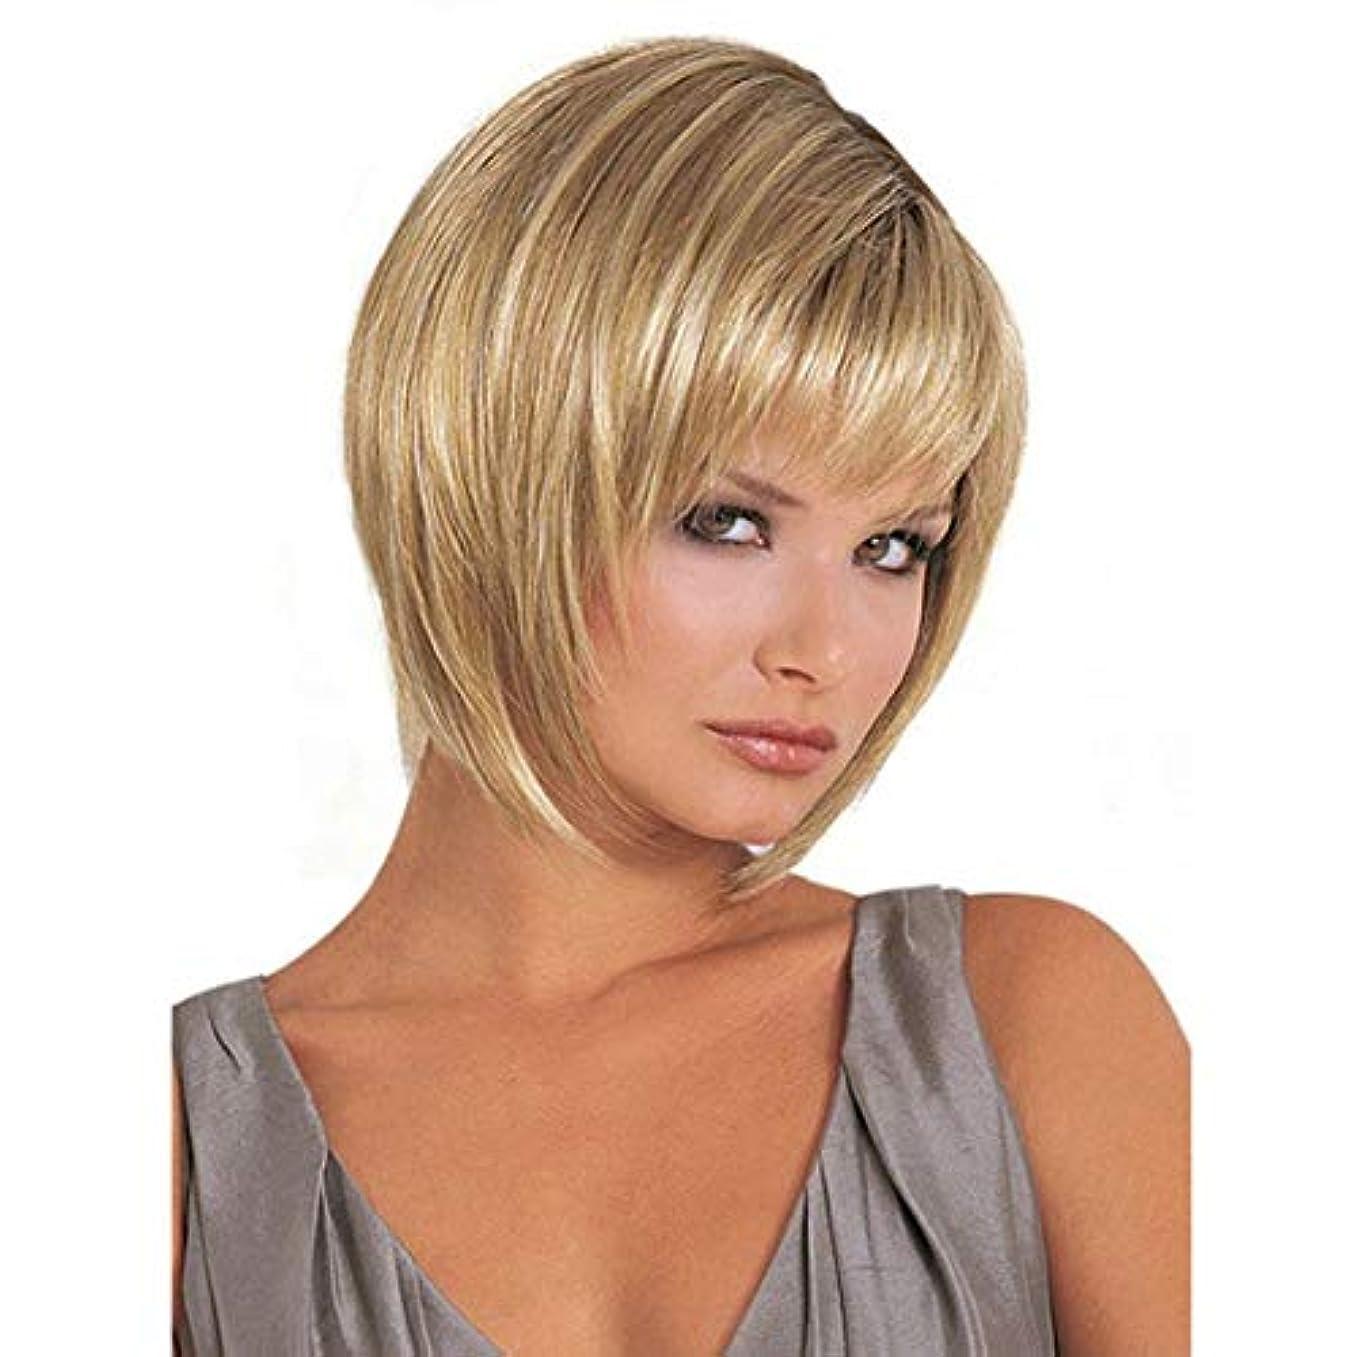 振りかけるすみません女王Kerwinner 女性のための平らな前髪の合成かつらとストレートショートボブ髪ゴールドかつら